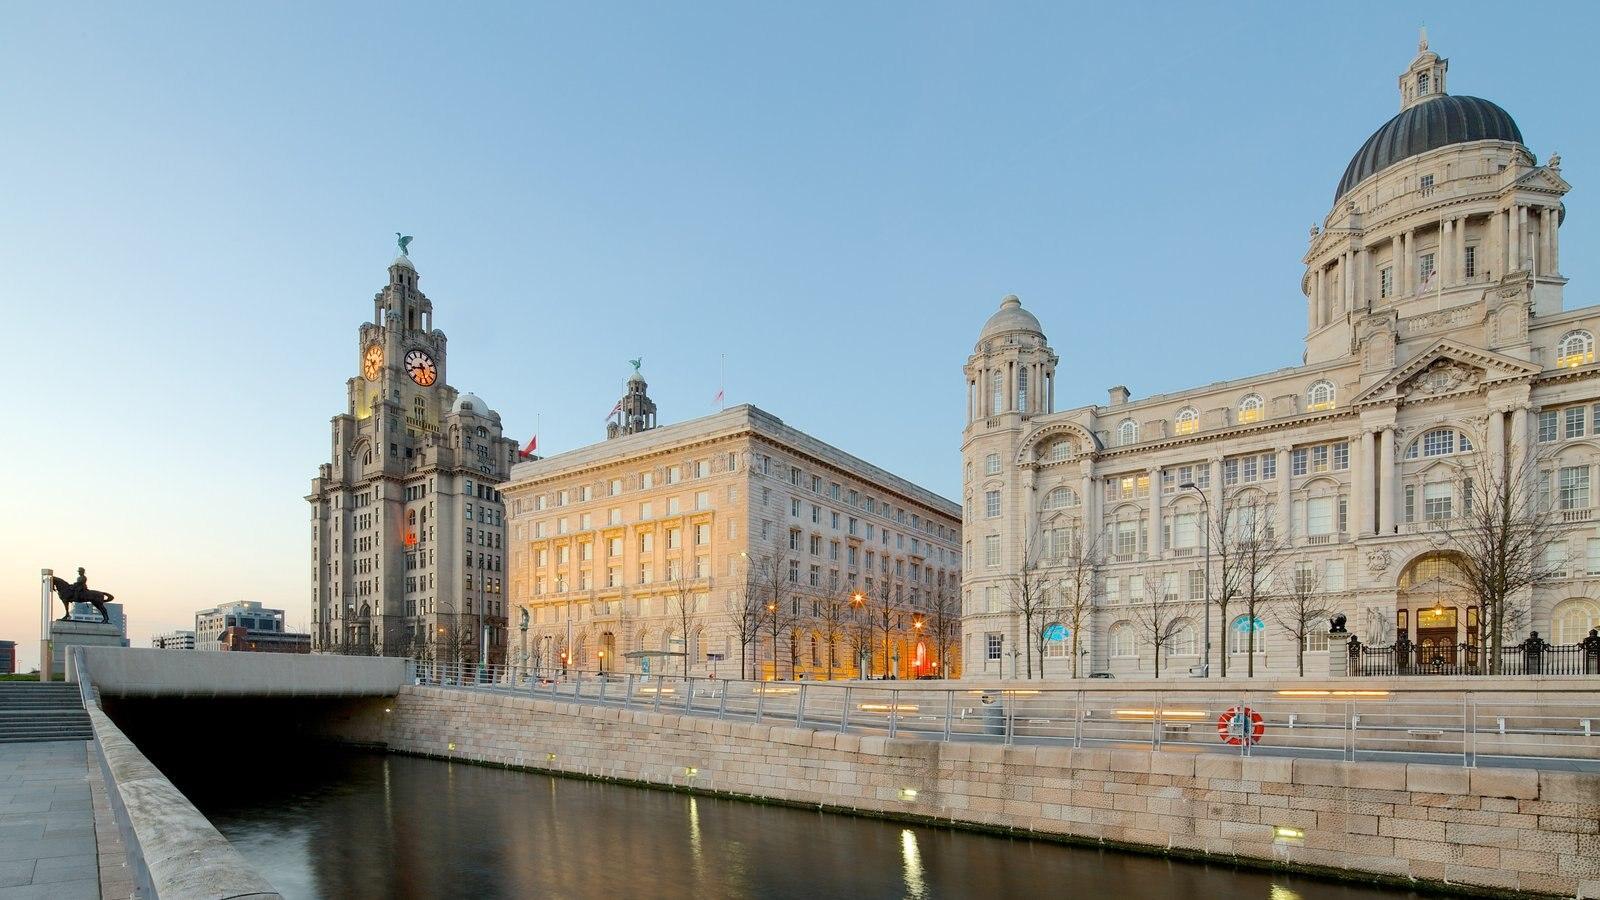 Liverpool ofreciendo patrimonio de arquitectura, una iglesia o catedral y escenas urbanas